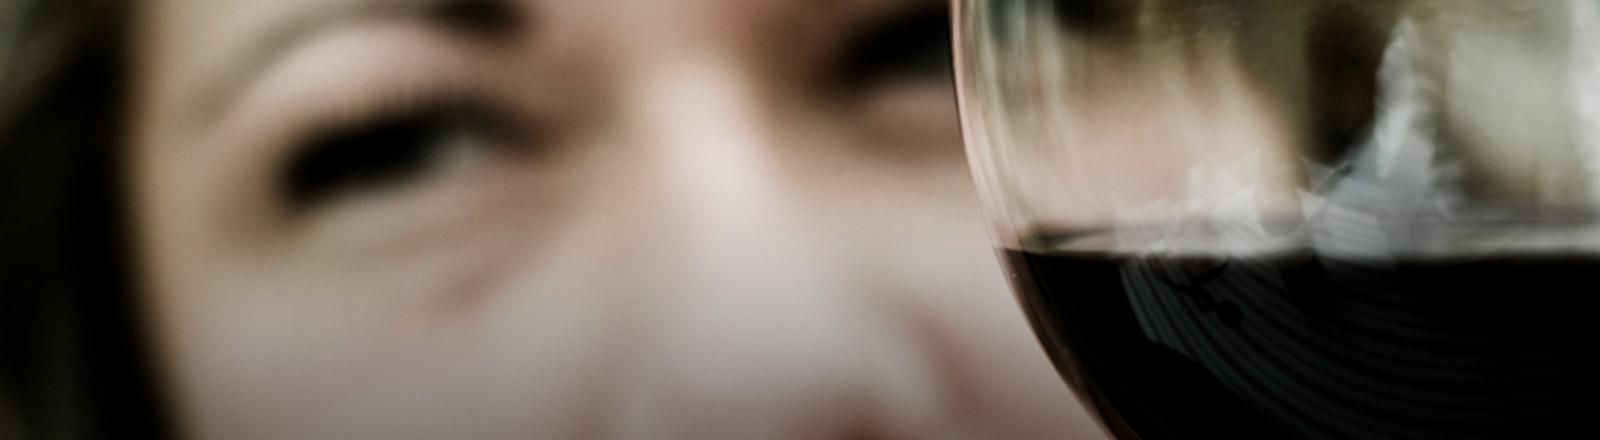 Eine Frau hält ein Weinglas